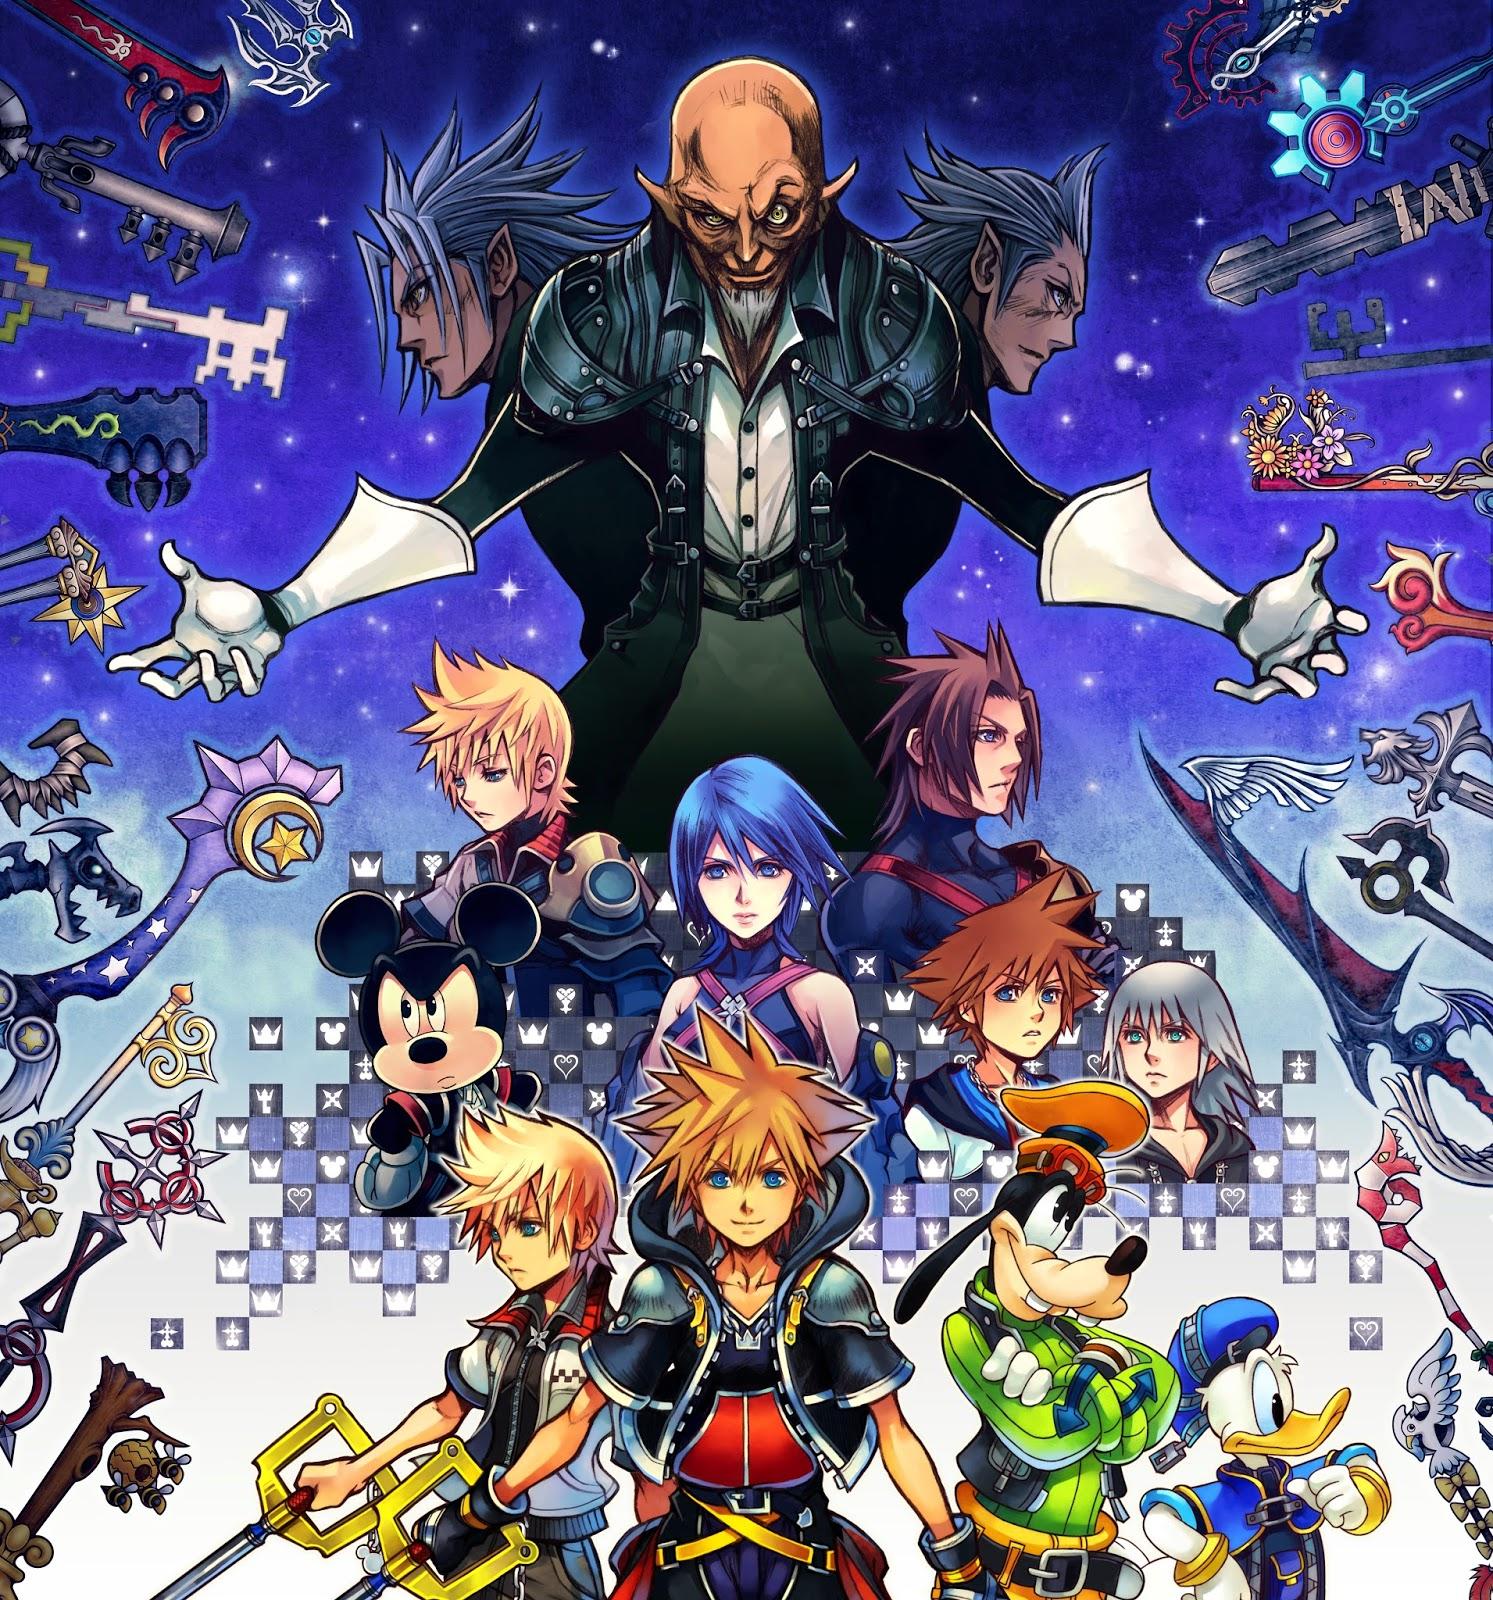 Kingdom Hearts cumple 15 años, la magia de Disney y Square Enix en los videojuegos